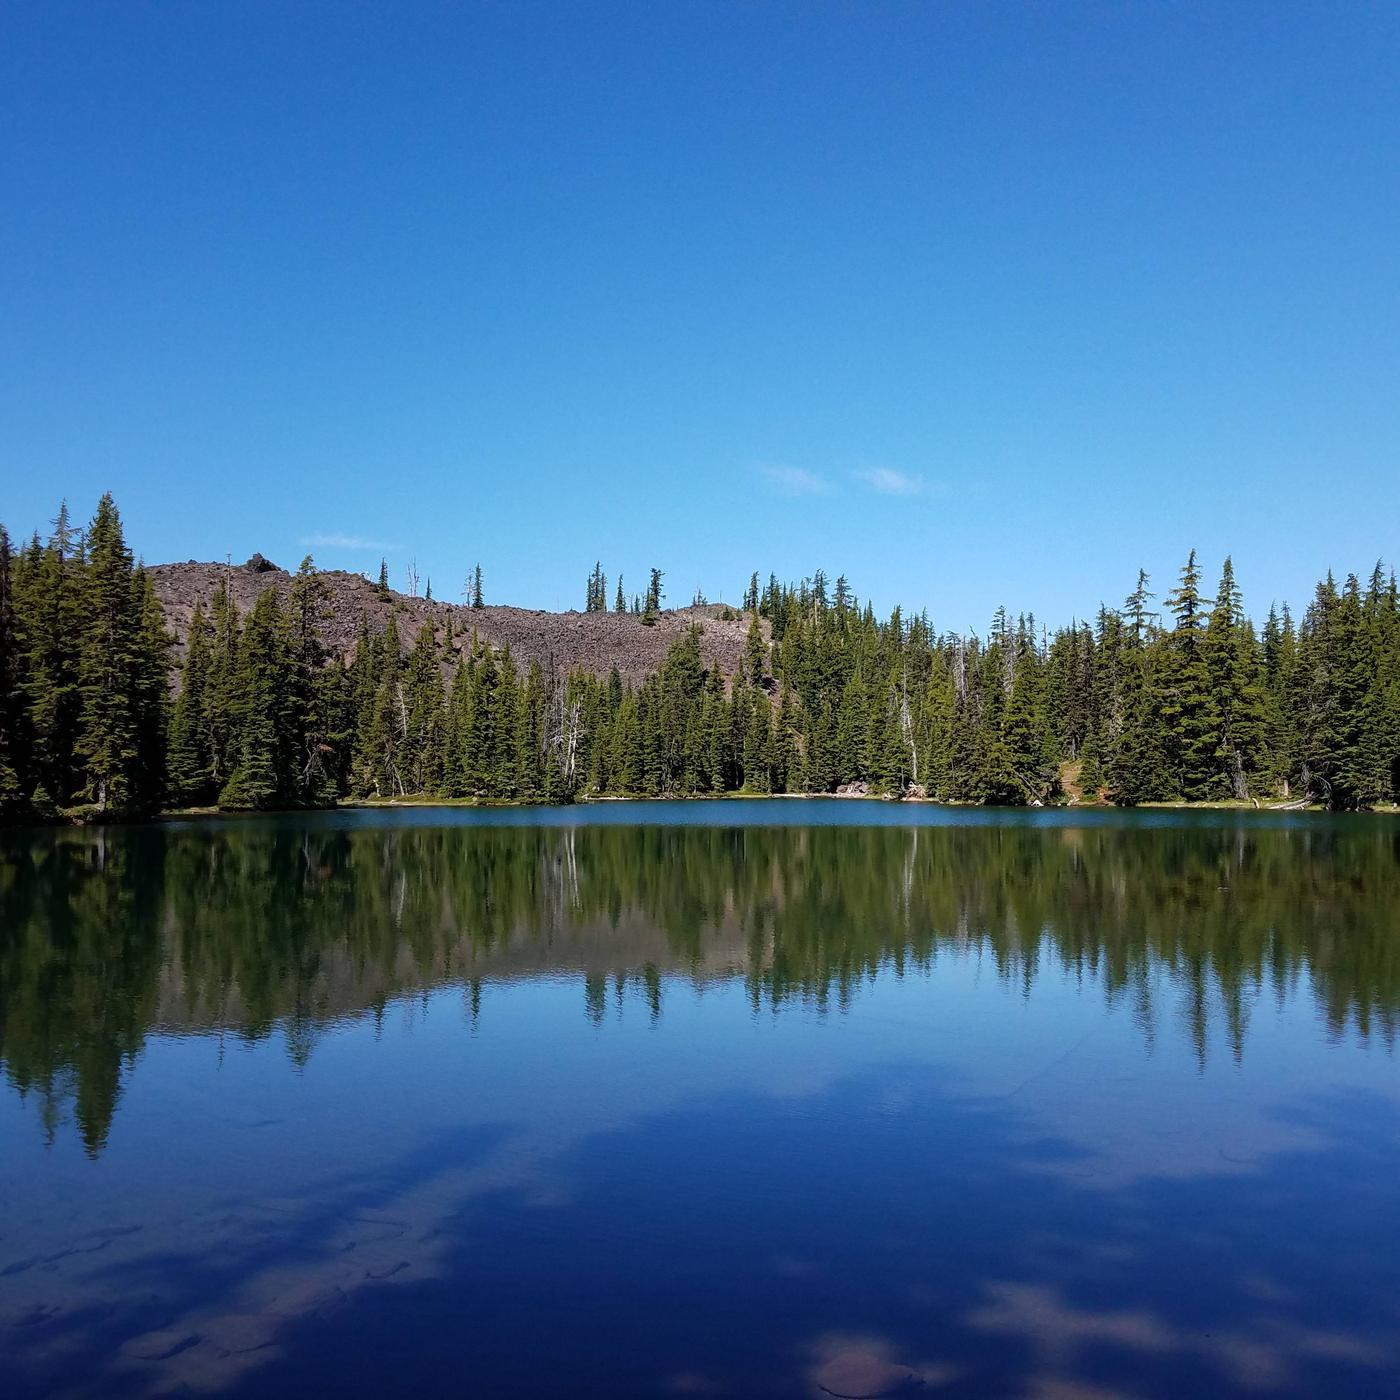 Lava Camp Lake, PCT North Mattieu Lake, South Mattieu Lake, Millican, Scott Pass, Yapoah Lake, Yapoah CraterNorth Mattieu Lake